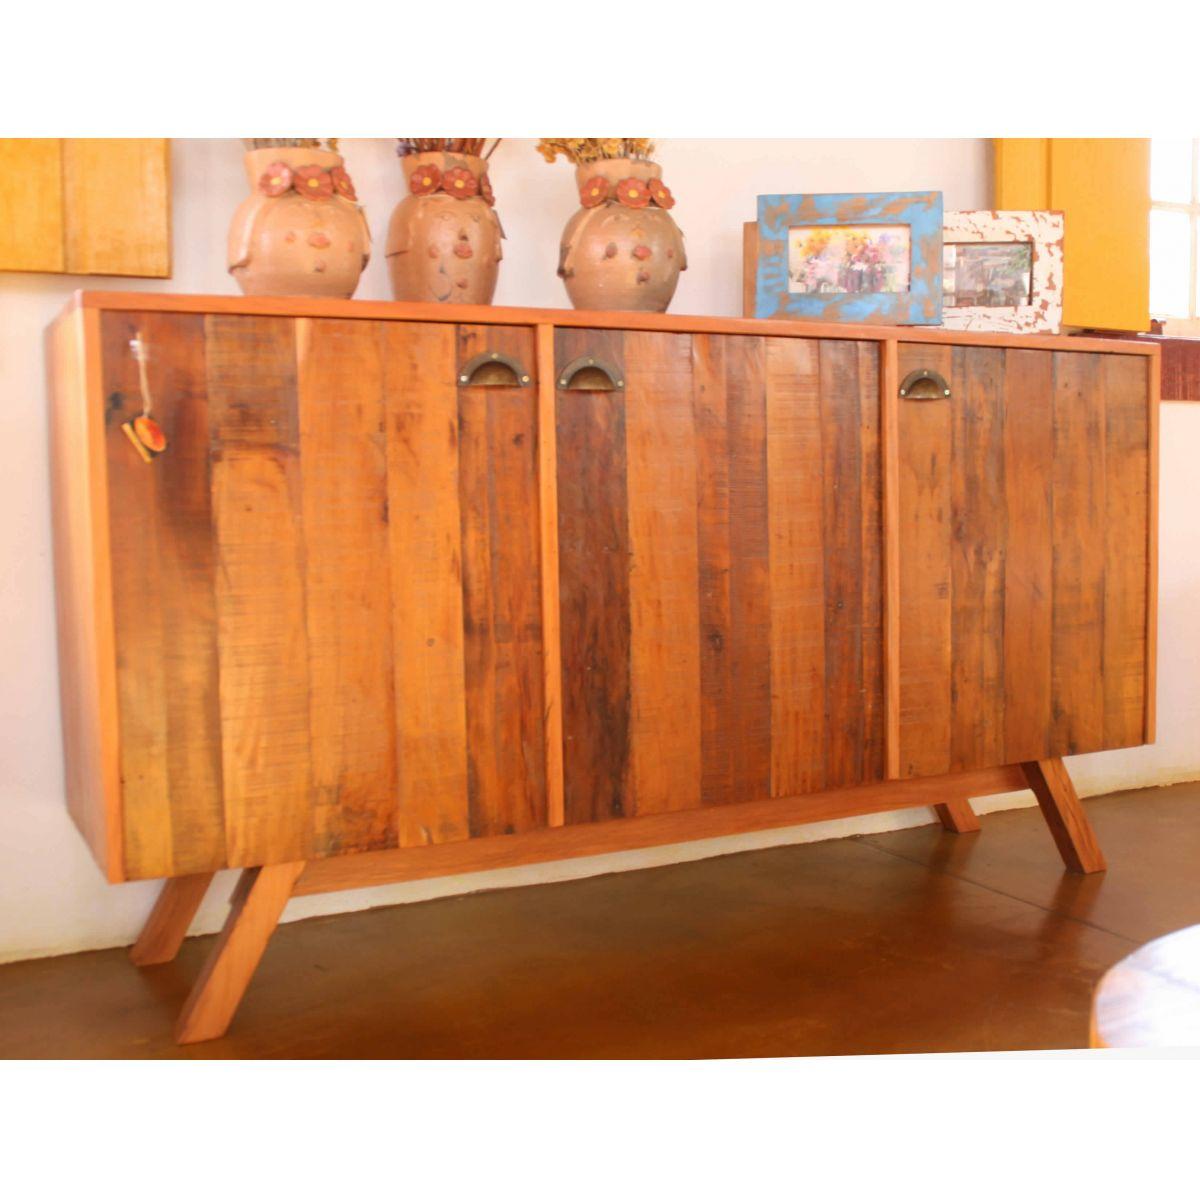 Buffet 3 Portas Ripada Medindo 1,60x40x85 Em Madeira De Demolição